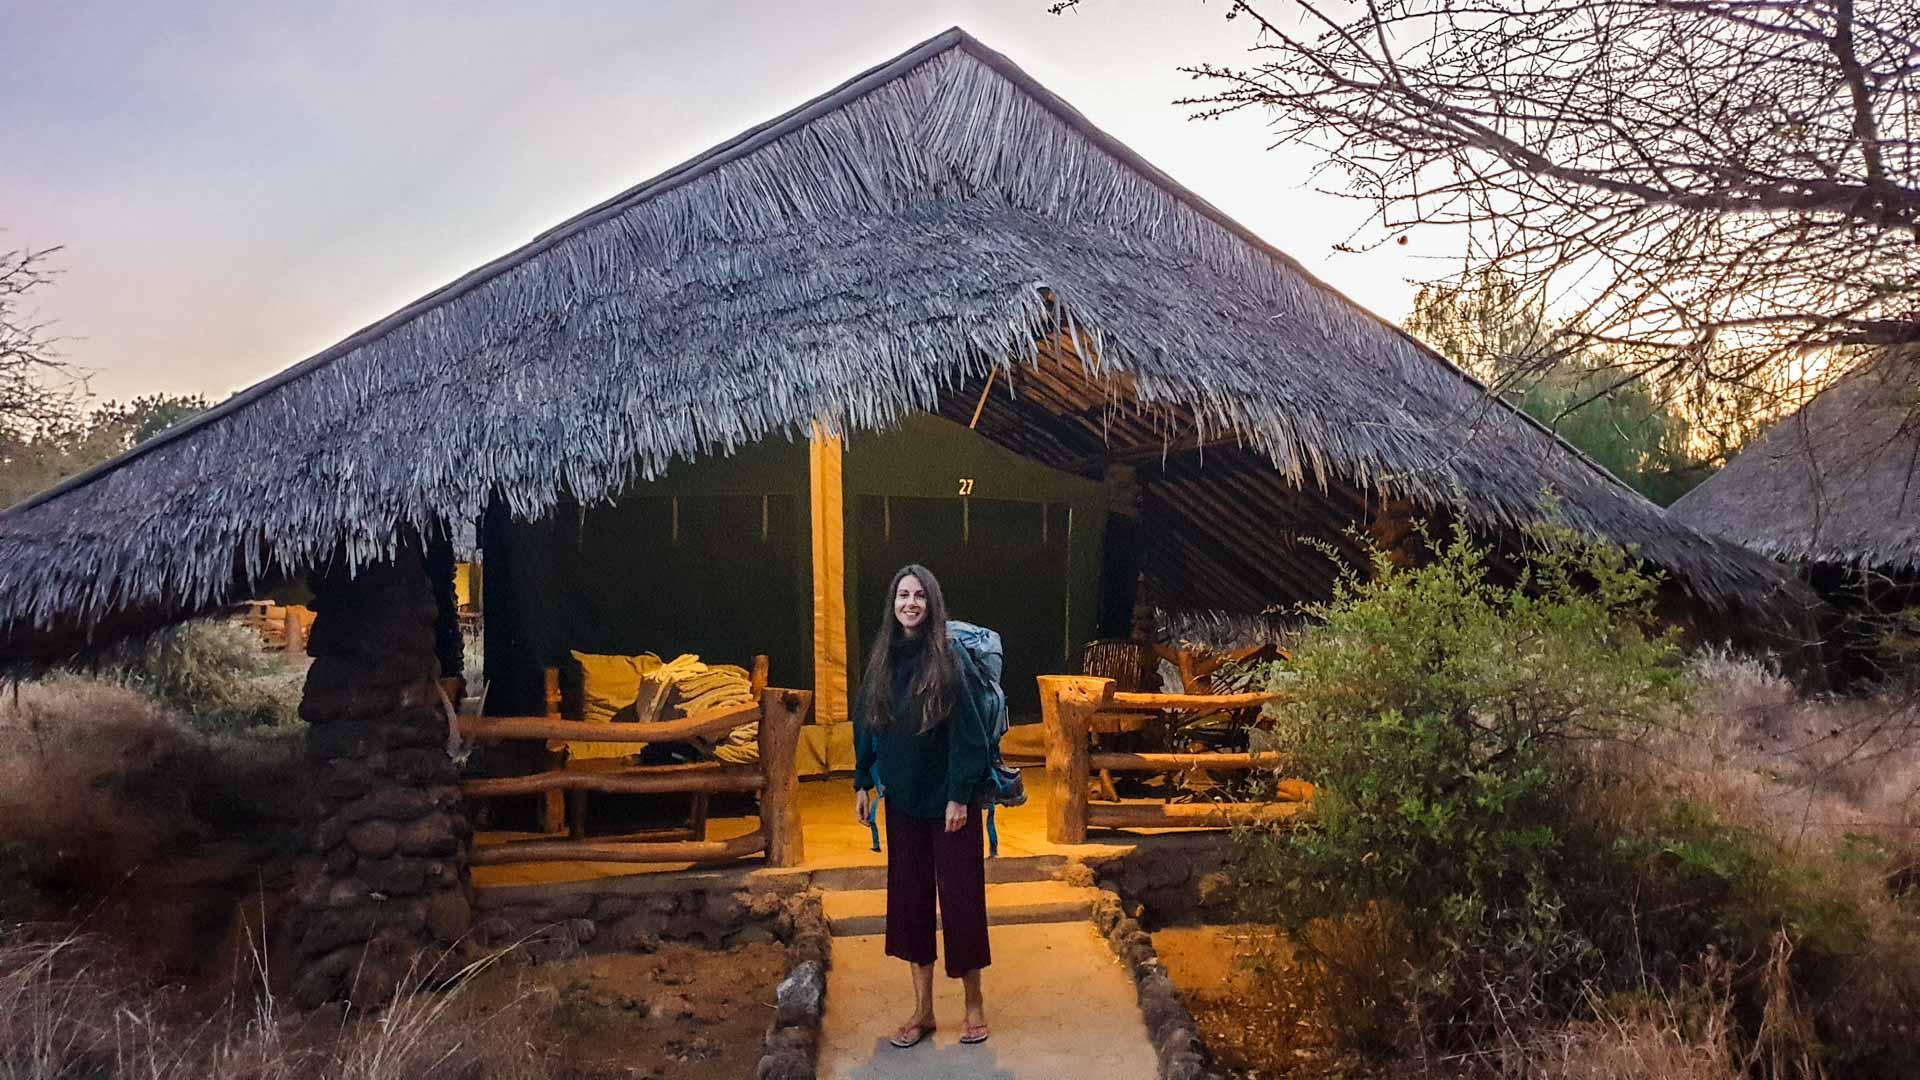 Decimos adiós a nuestro alojamiento Kibo Safari Camp, Amboseli, Kenia